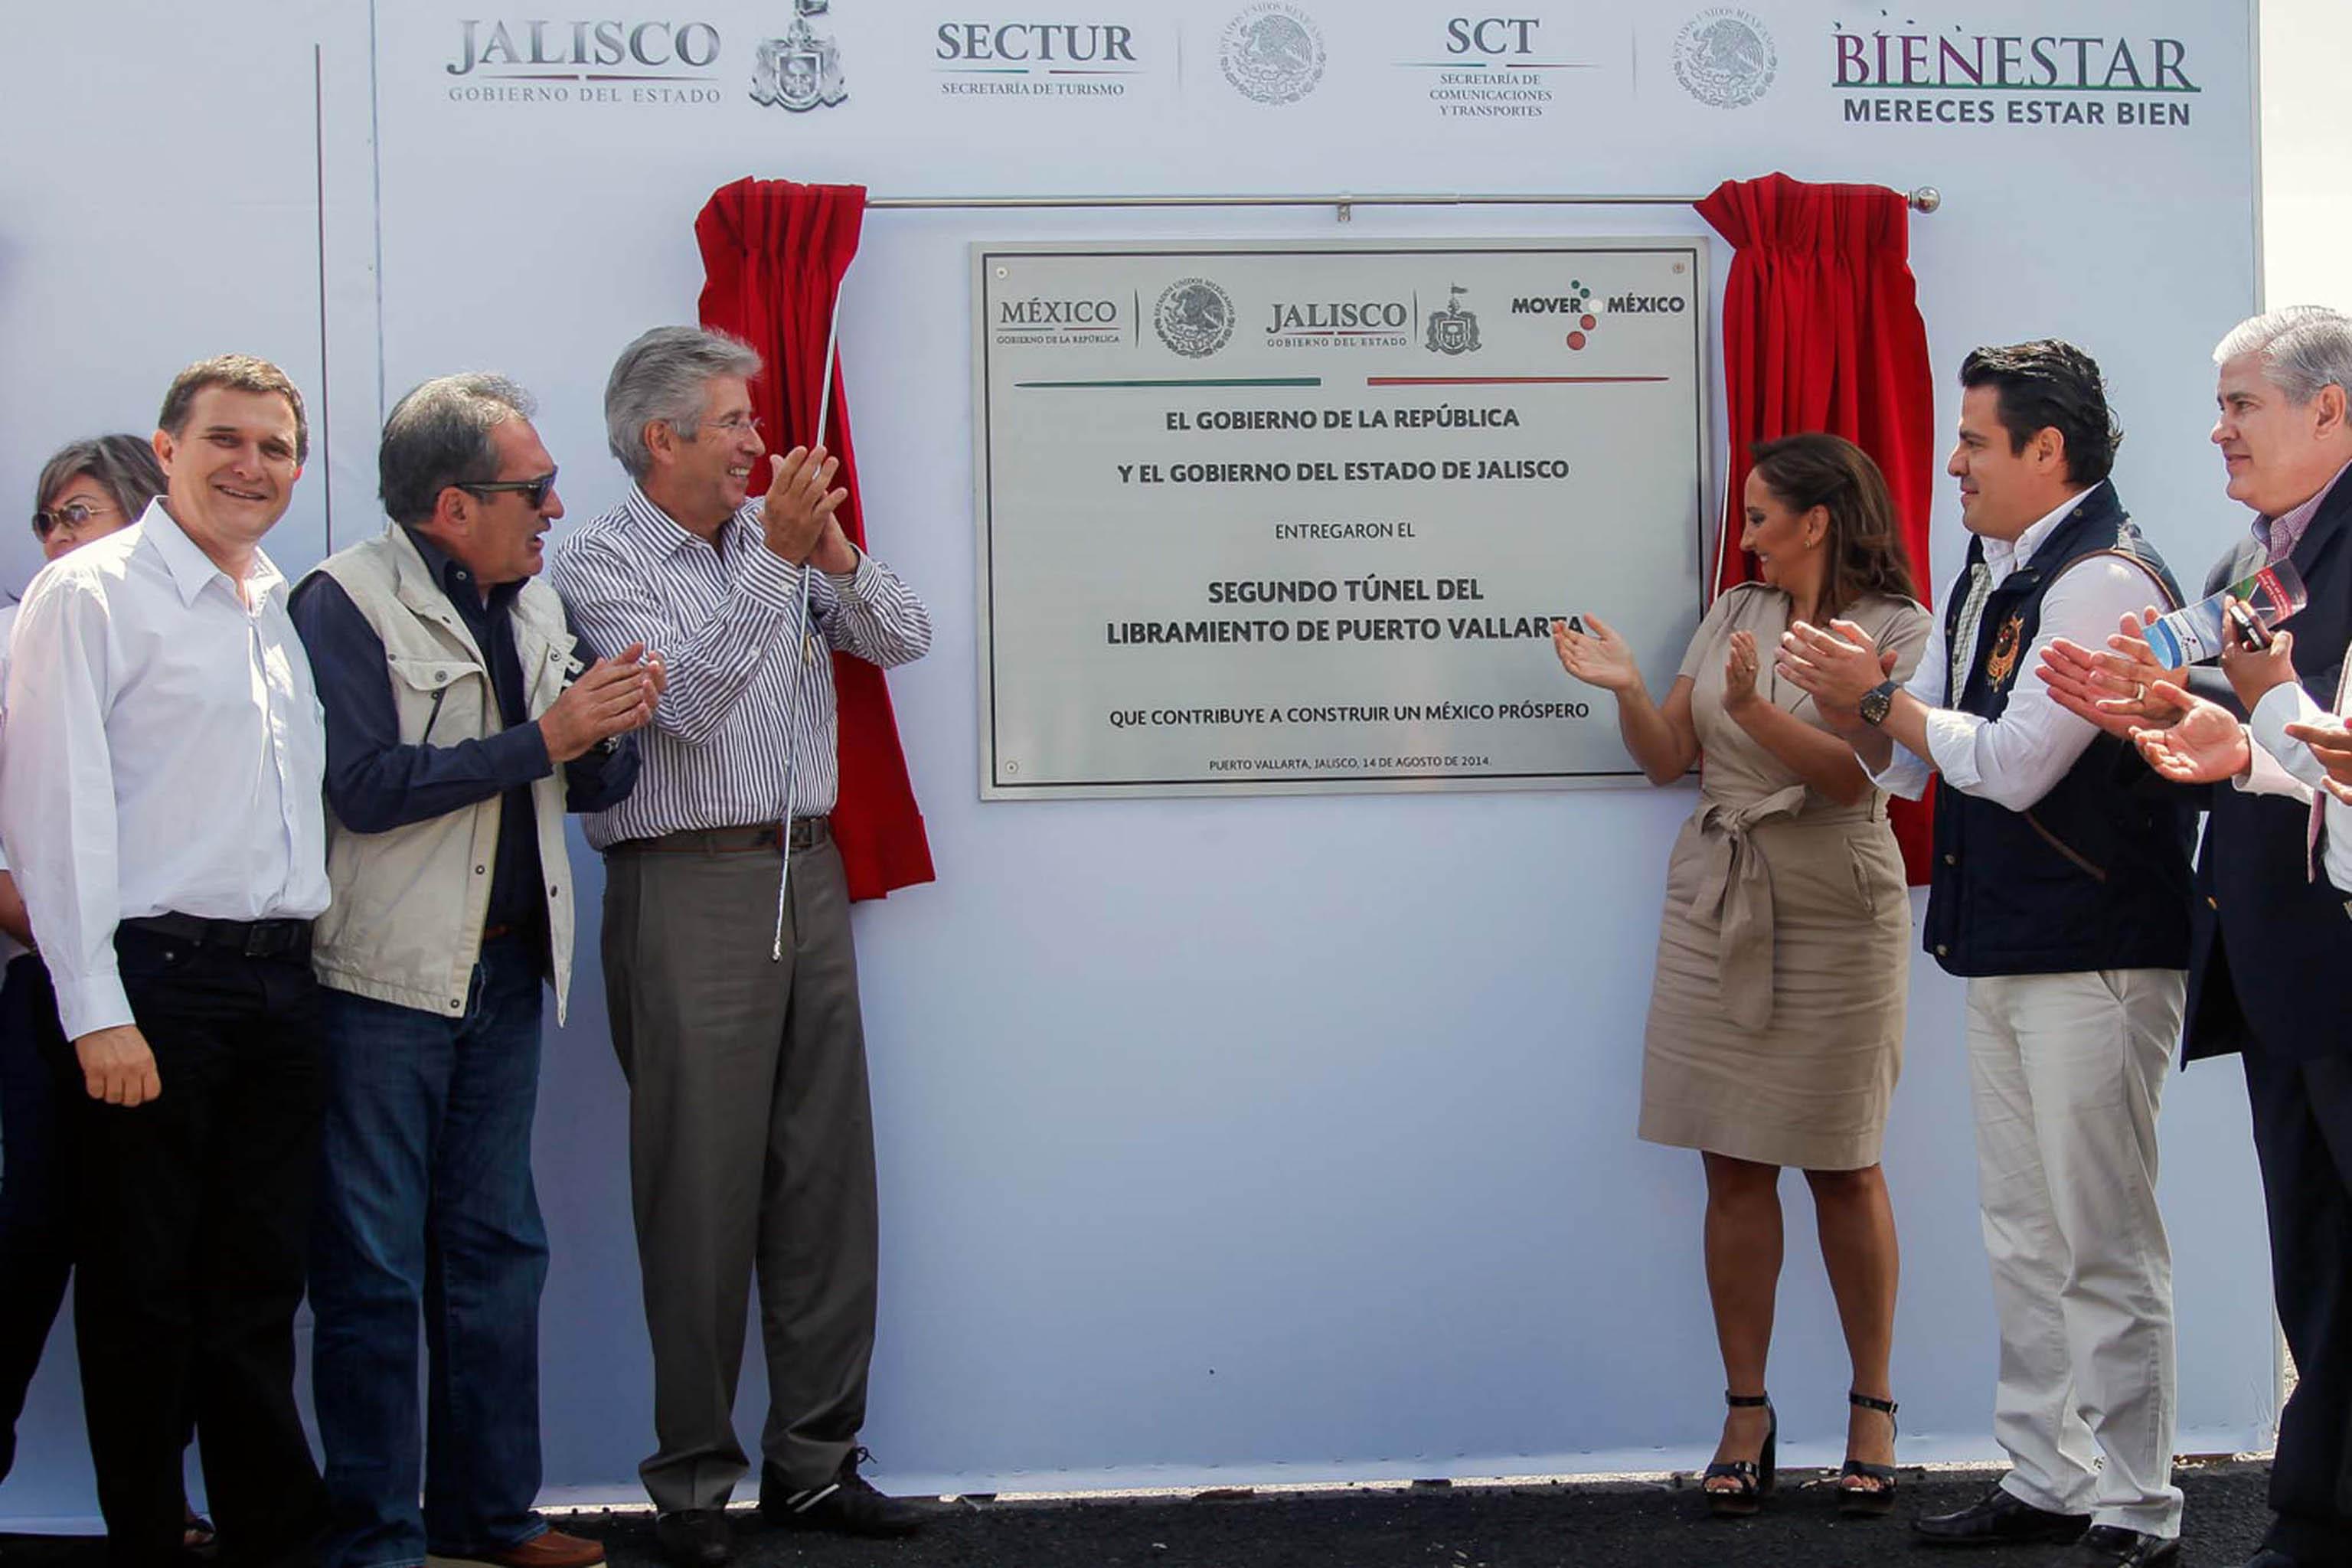 Los secretarios de Turismo, Claudia Ruiz Massieu, y de Comunicaciones y Transportes, Gerardo Ruiz Esparza, entregaron obras de infraestructura turística y de conectividad terrestre en el estado de Jalisco.